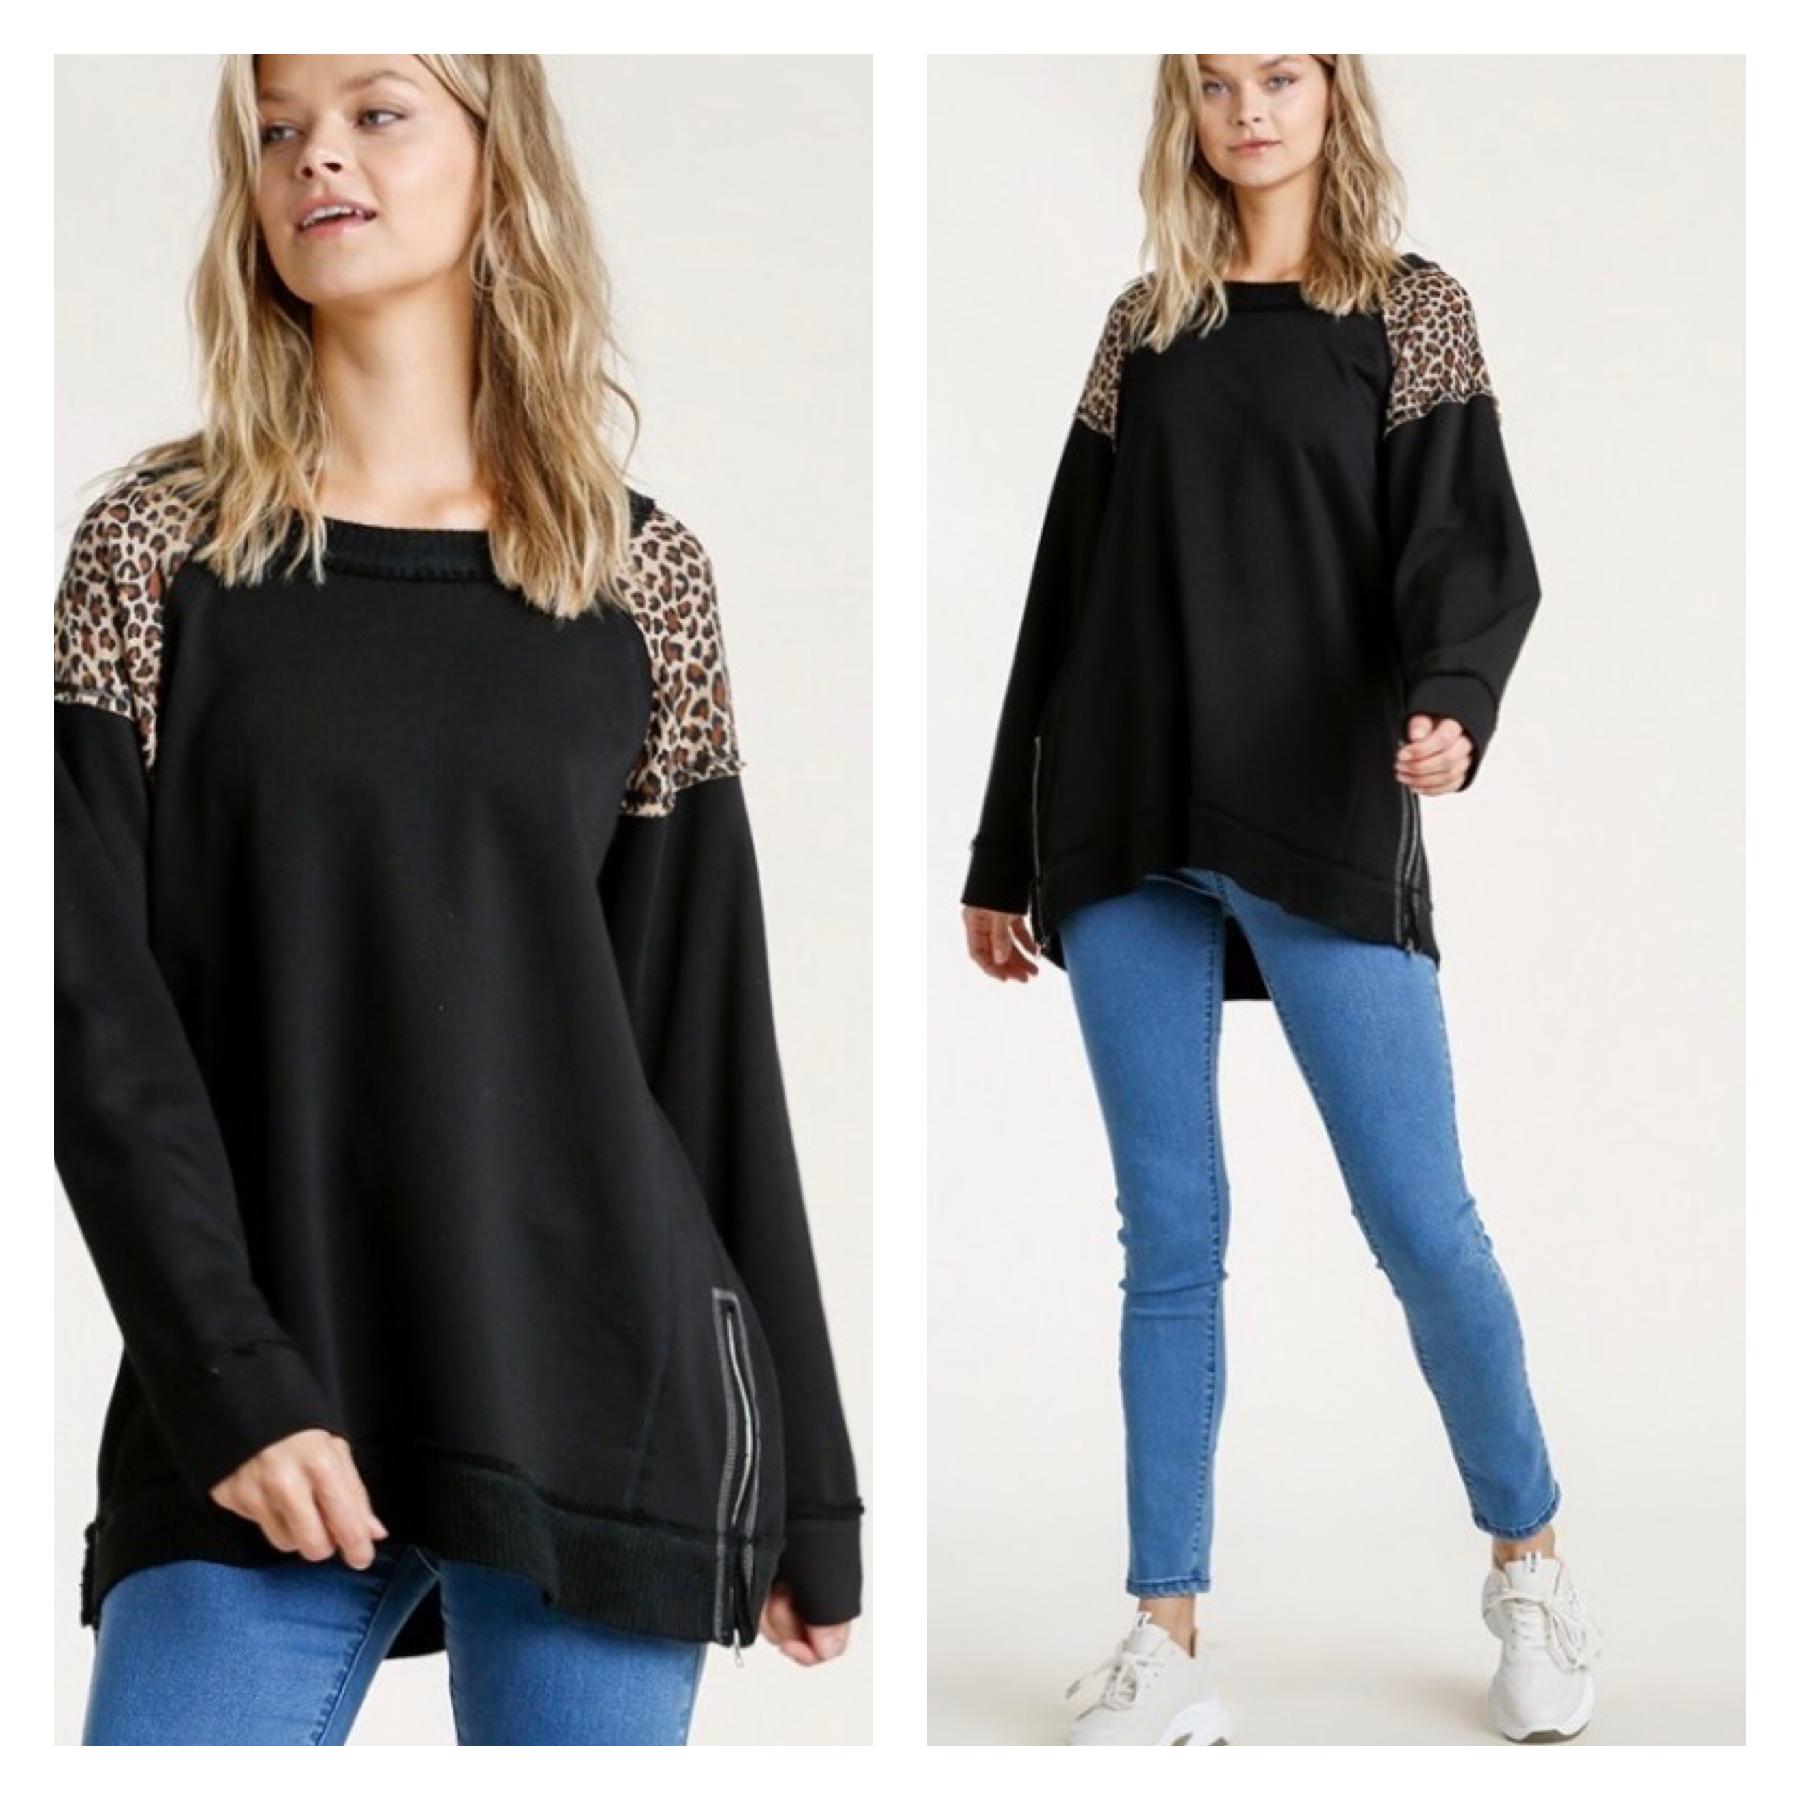 Leopard Detail Top w/ Side Zip